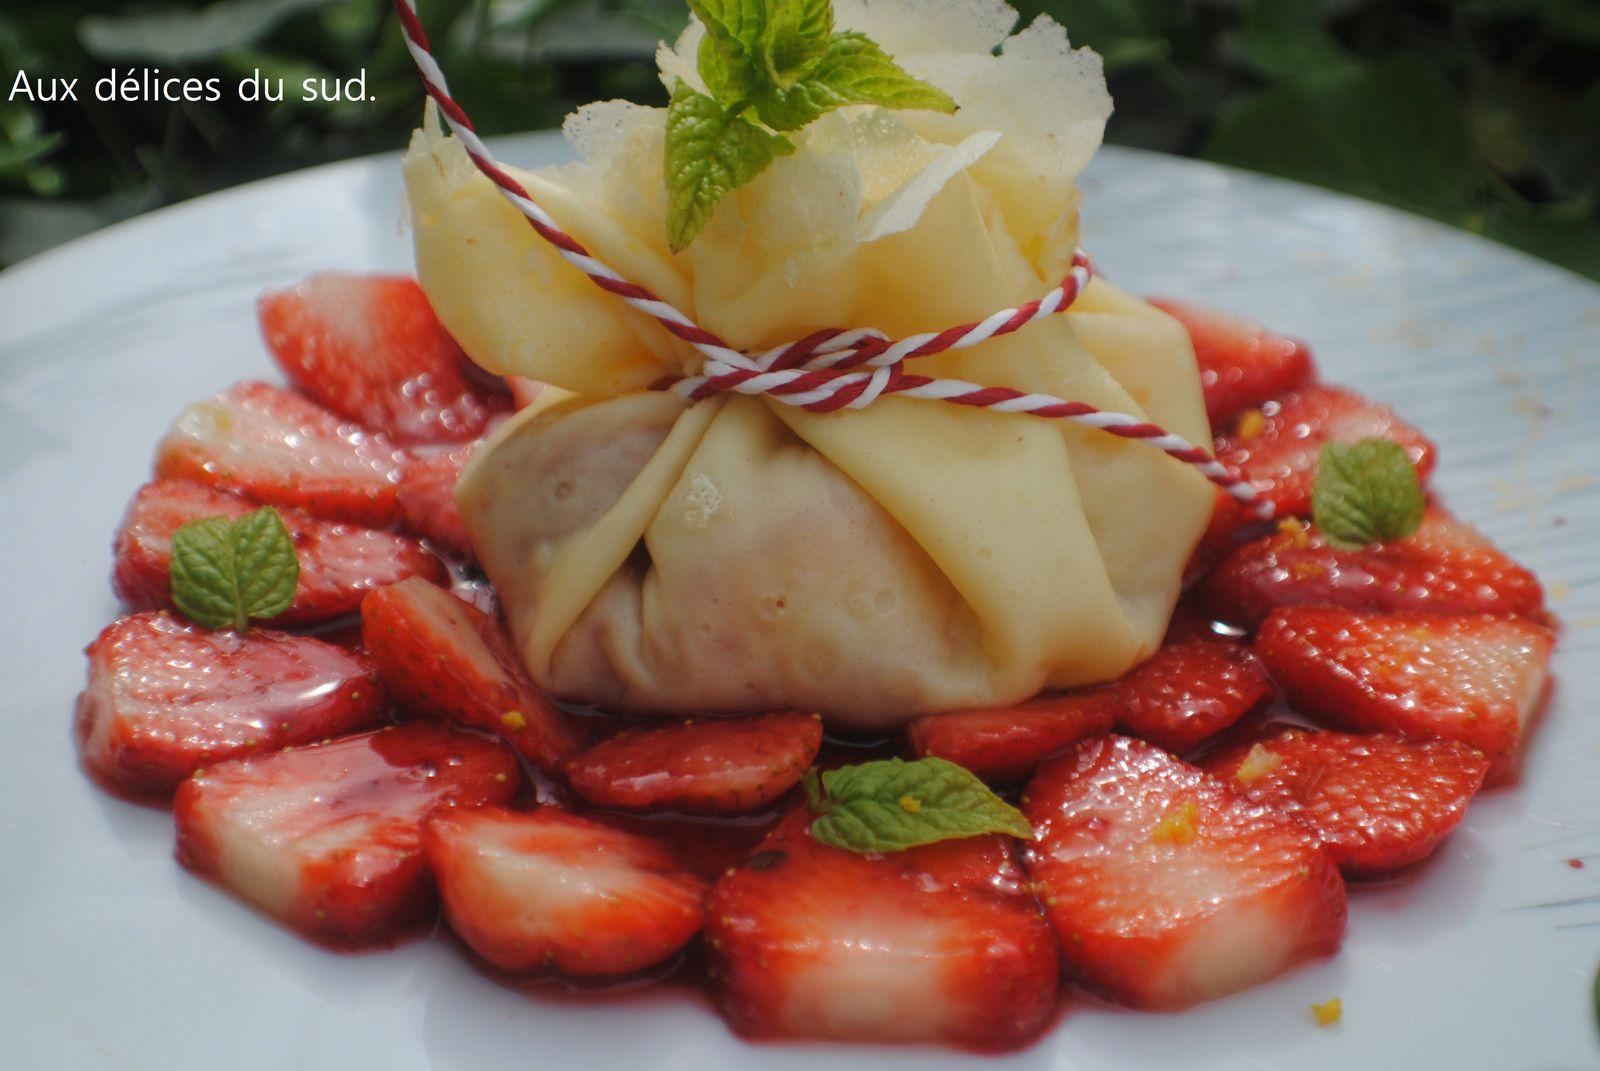 Aumônière de fraises caramélisées .